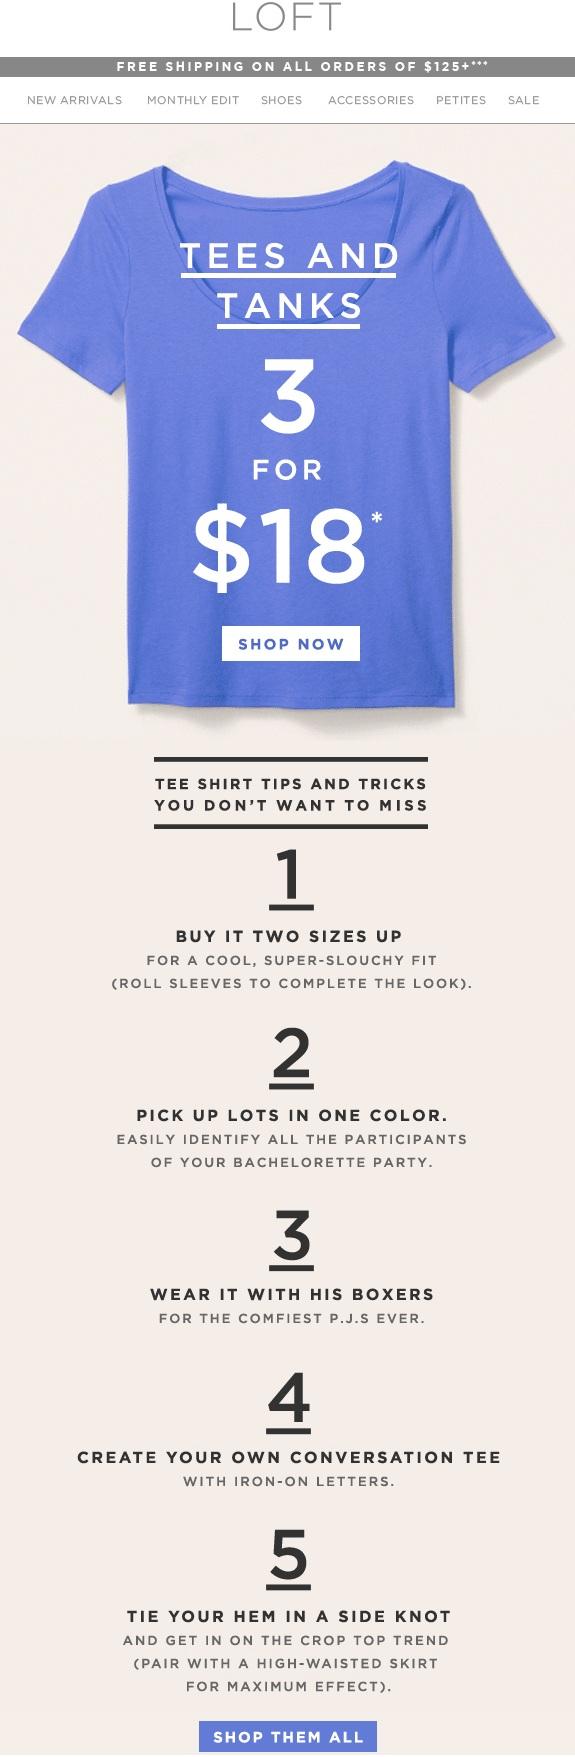 LOFT t-shirt ideas.